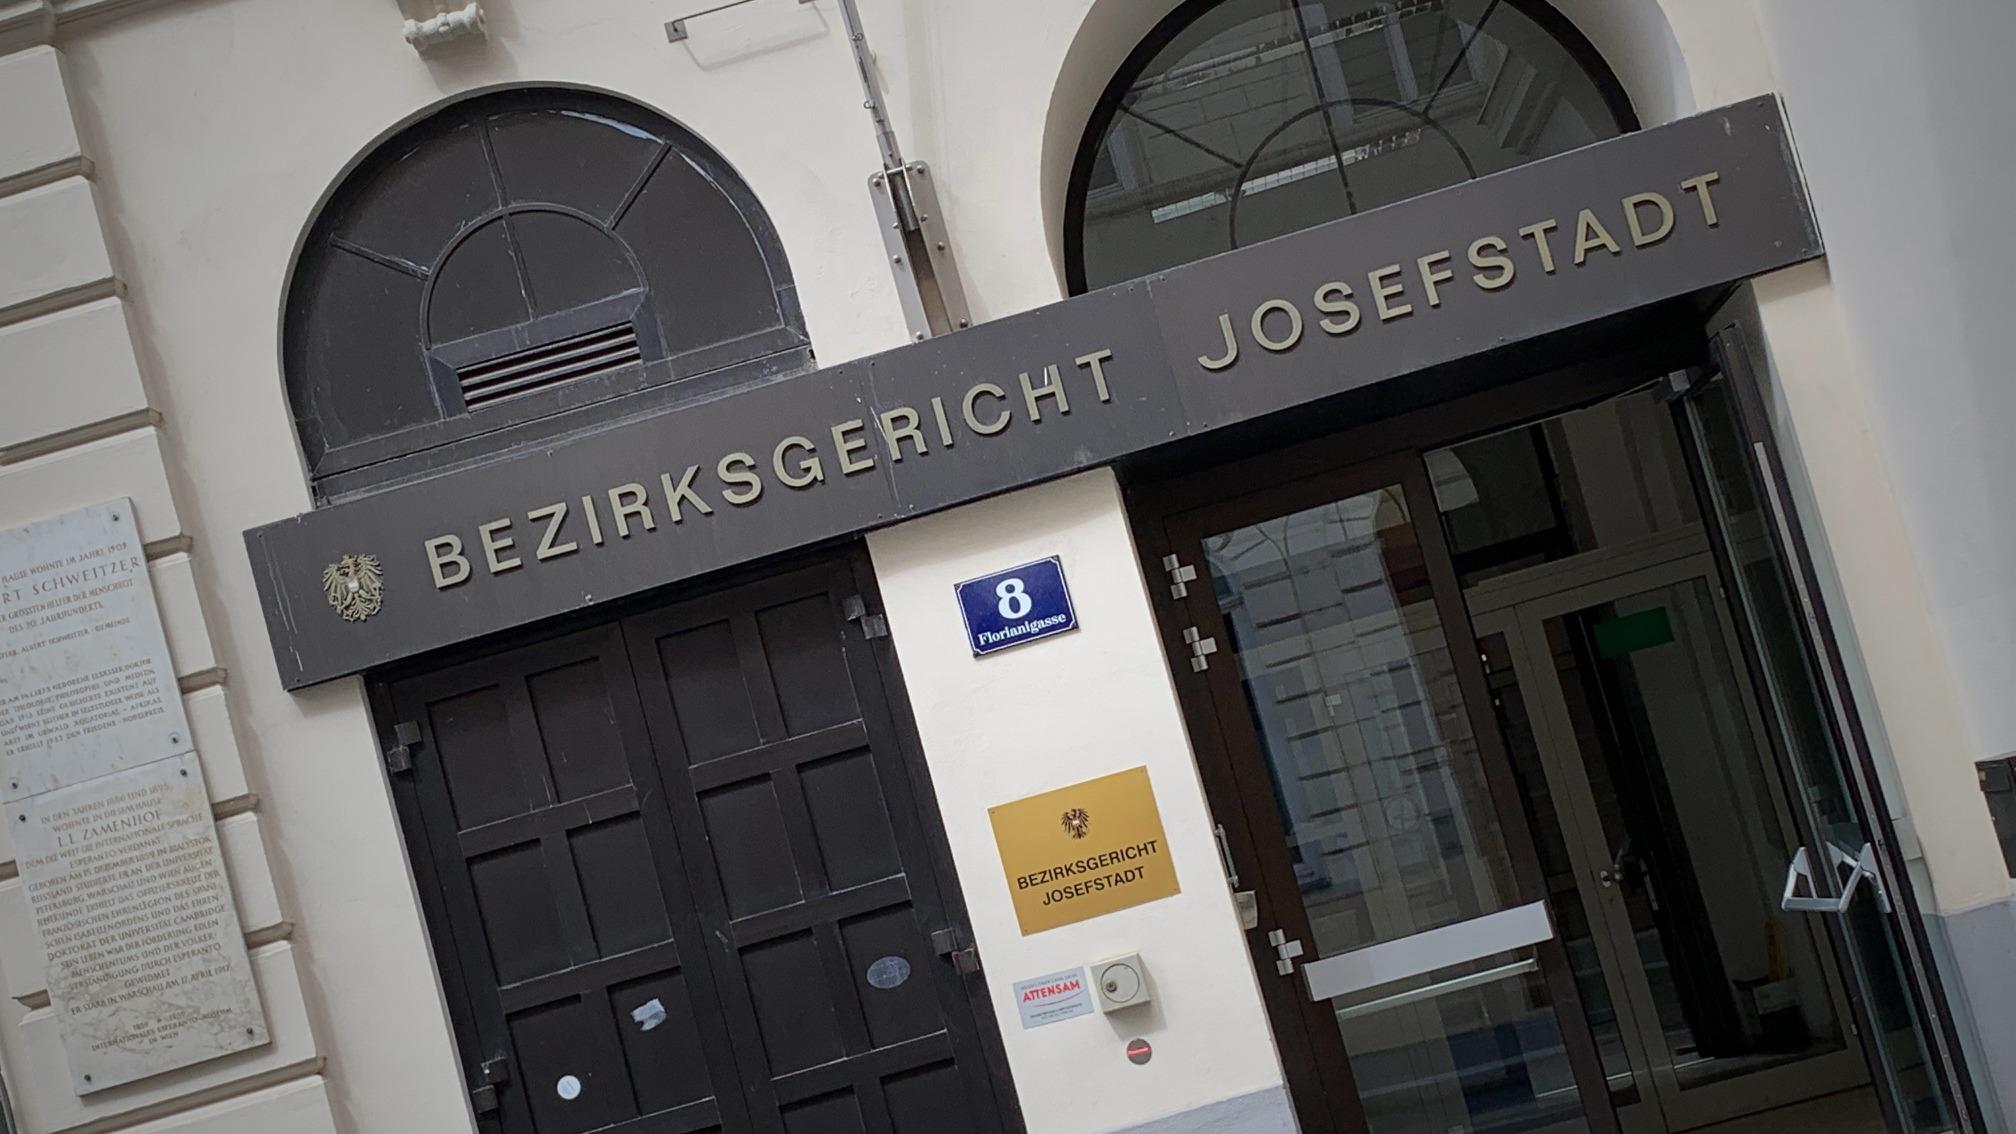 Berzirksgericht Josefstadt Justiz Kürzungen Sparkurs